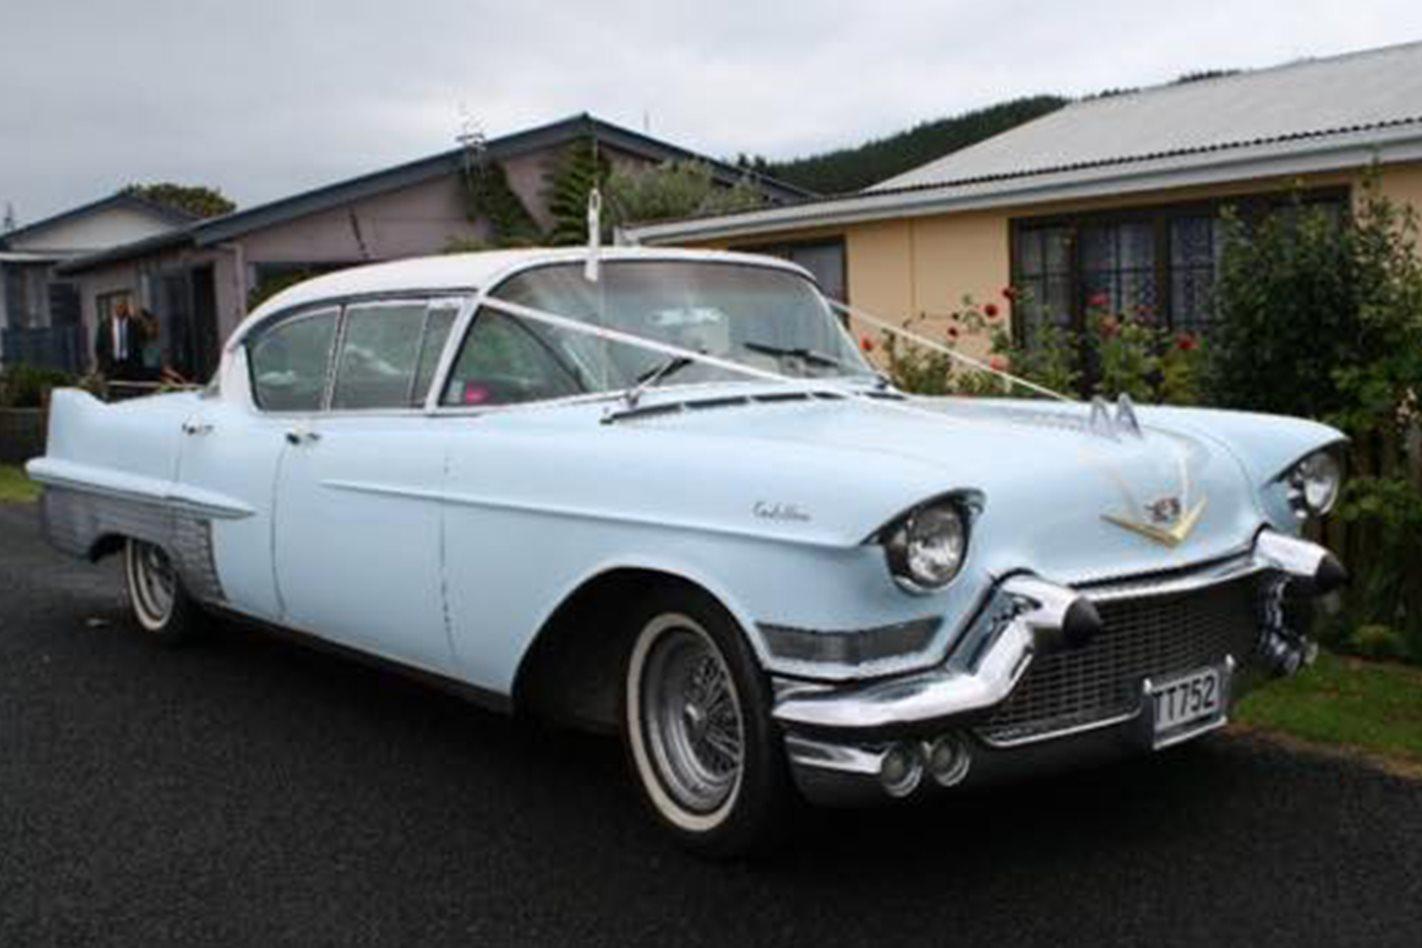 Paul Howell Cadillac wedding car